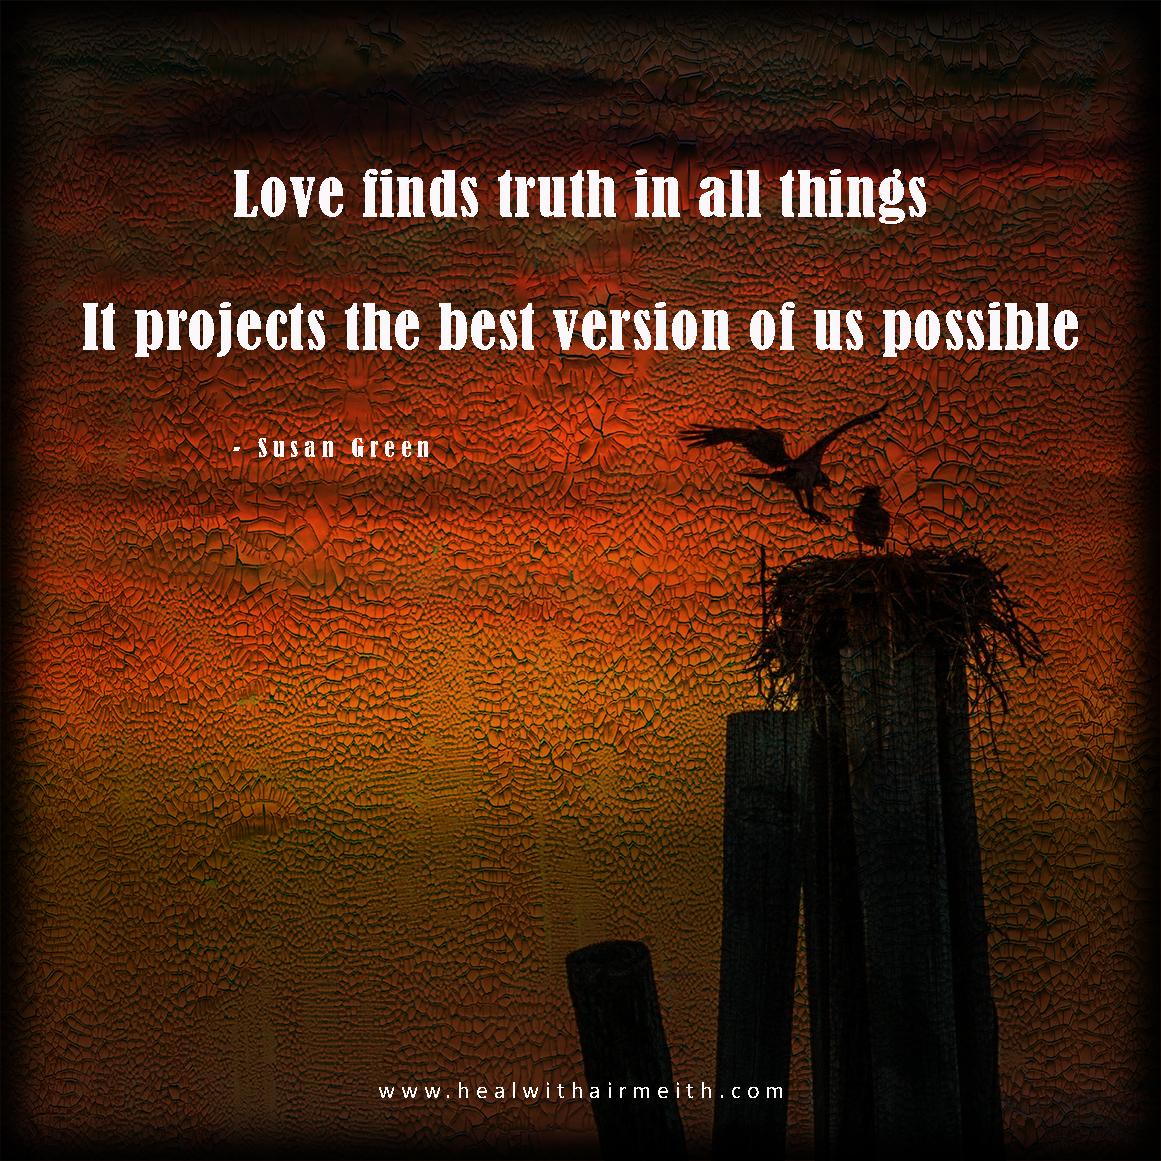 LovesTruth